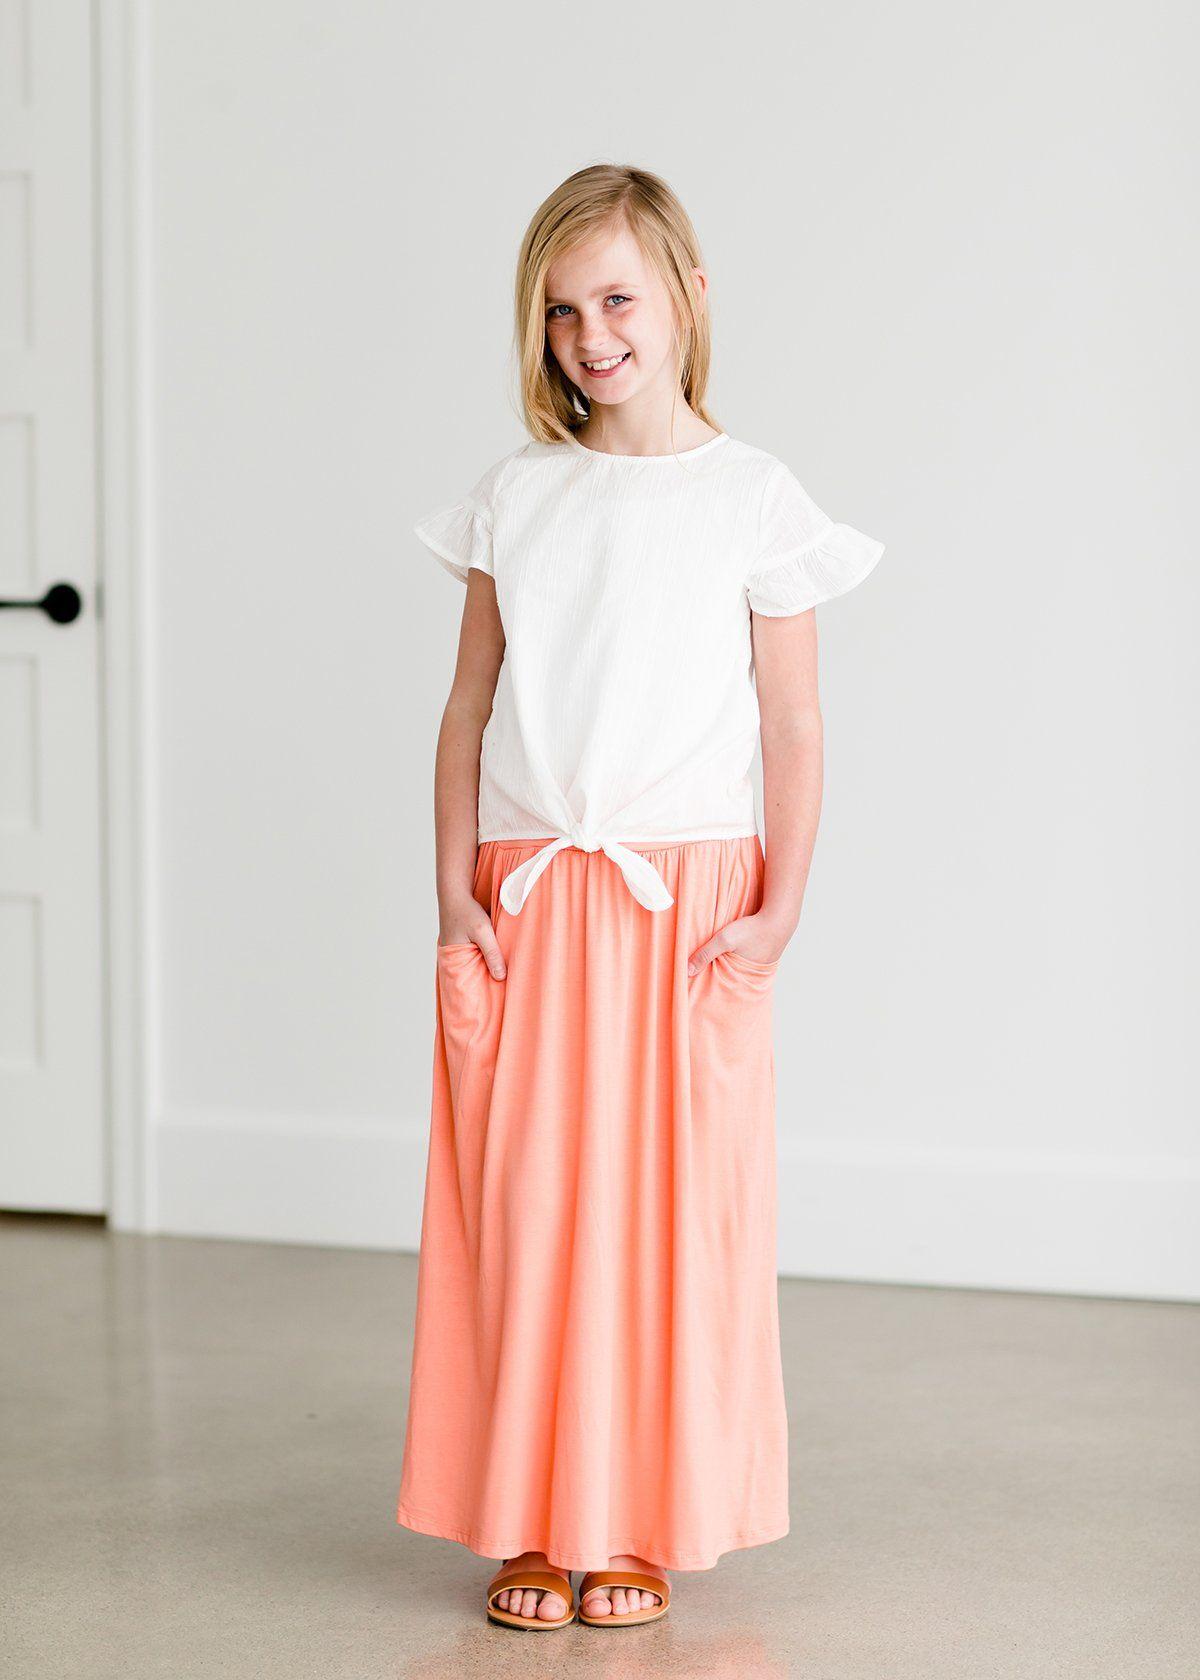 bb618f53401 Modest Tween Dresses - Gomes Weine AG